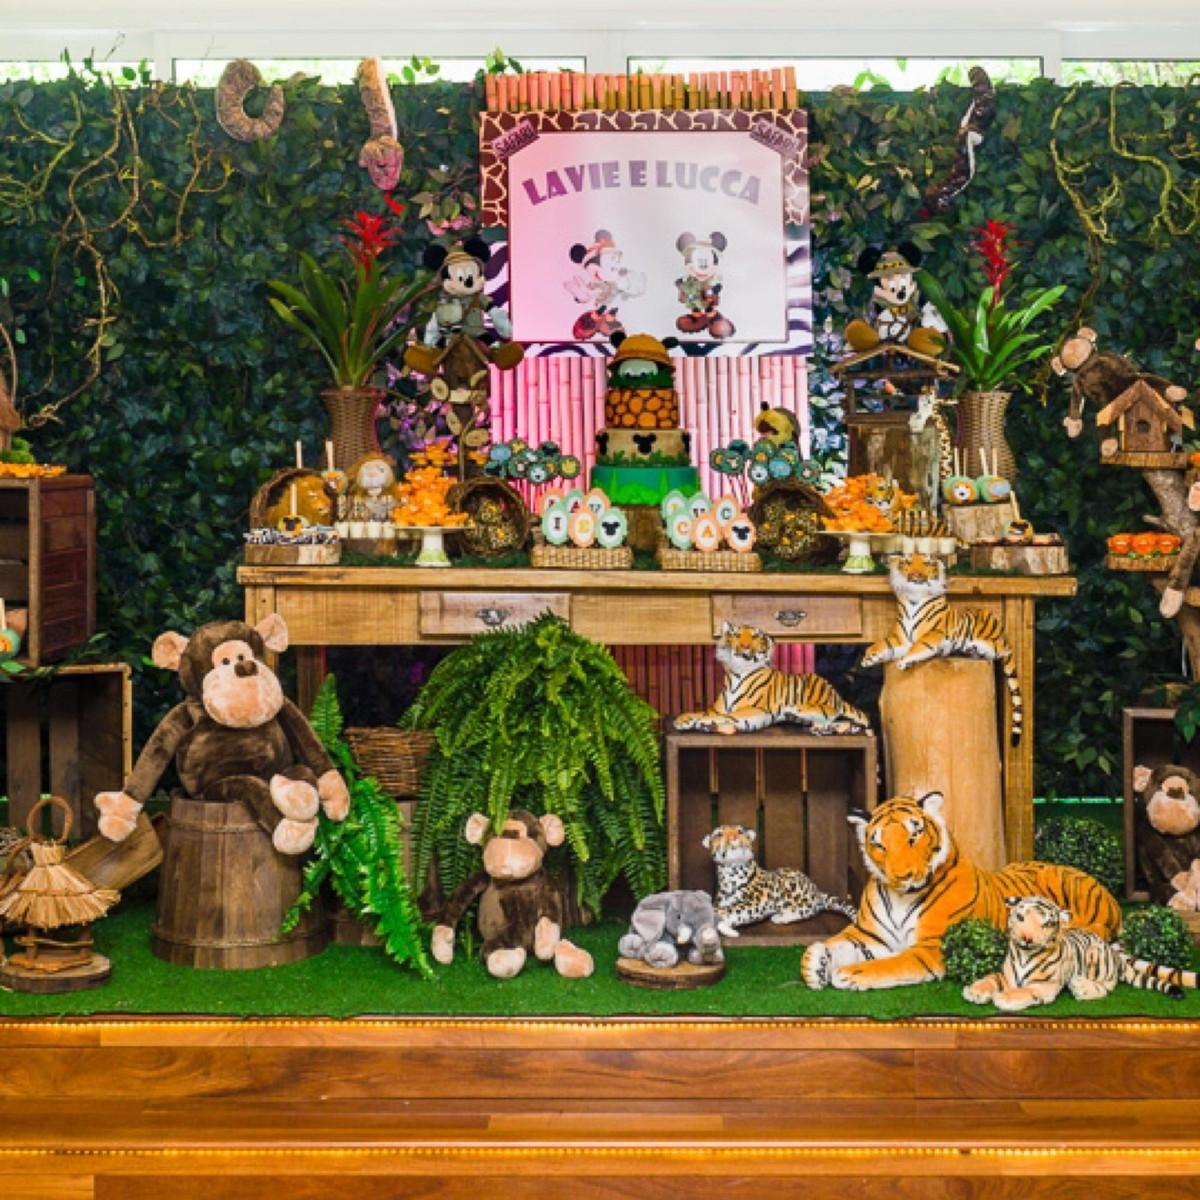 Decoraç u00e3o Festa Mickey Safari Super Promoç u00e3o Locaç u00e3o! no Elo7 L M Decora Festas (9B6B3E) -> Decoração Festa Infantil Zoologico